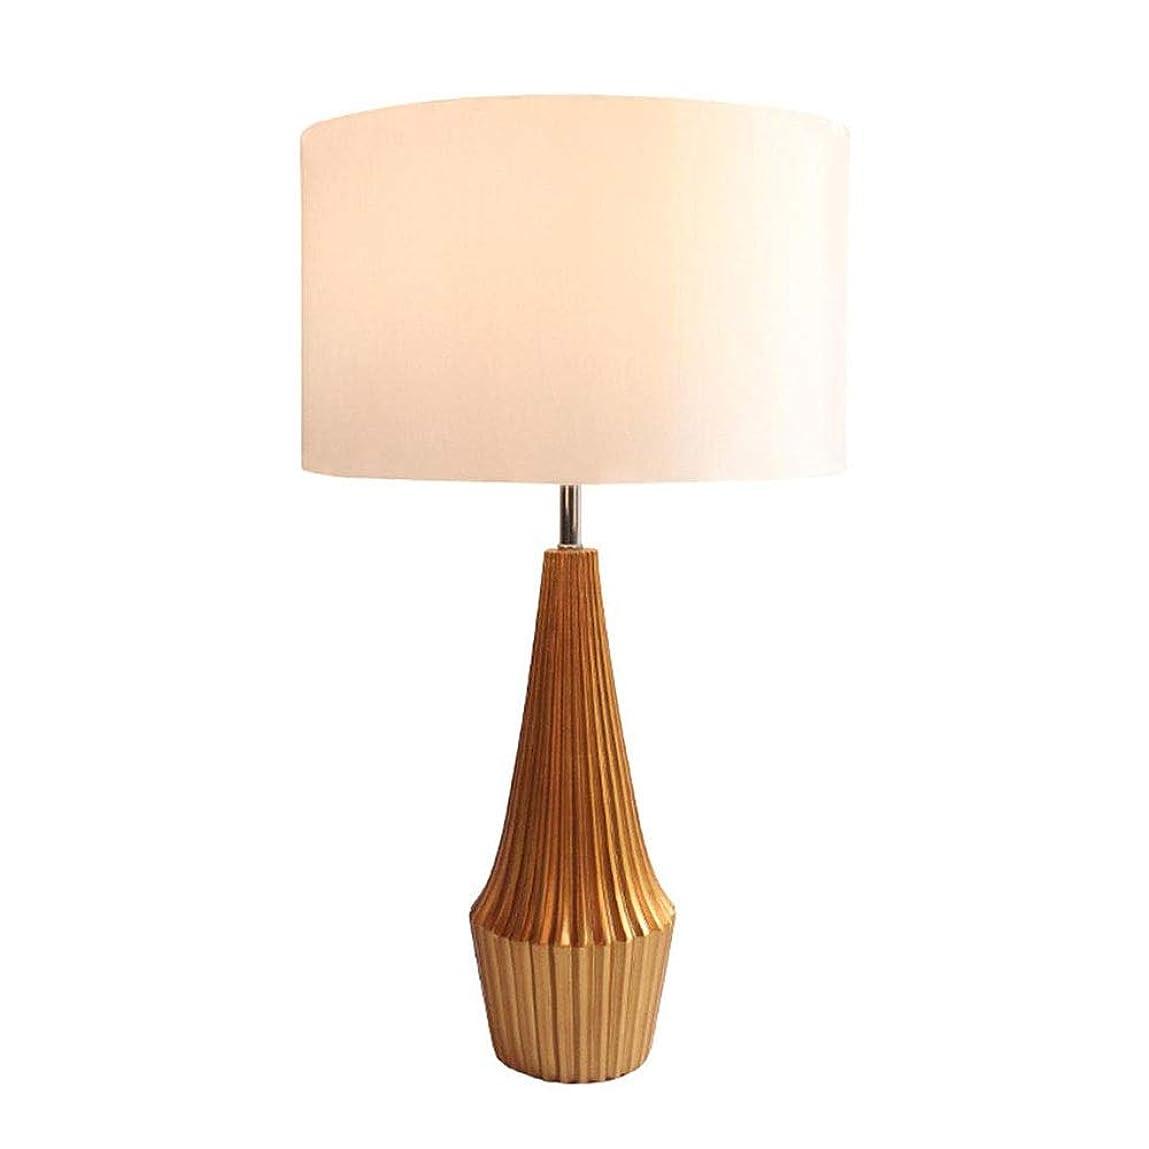 信頼性限定最大FELICIAAA 円錐テーブルランプ樹脂テーブルランプリビングルームランプ寝室ランプホテルアンティークカラーテーブルランプ (色 : ホワイト)